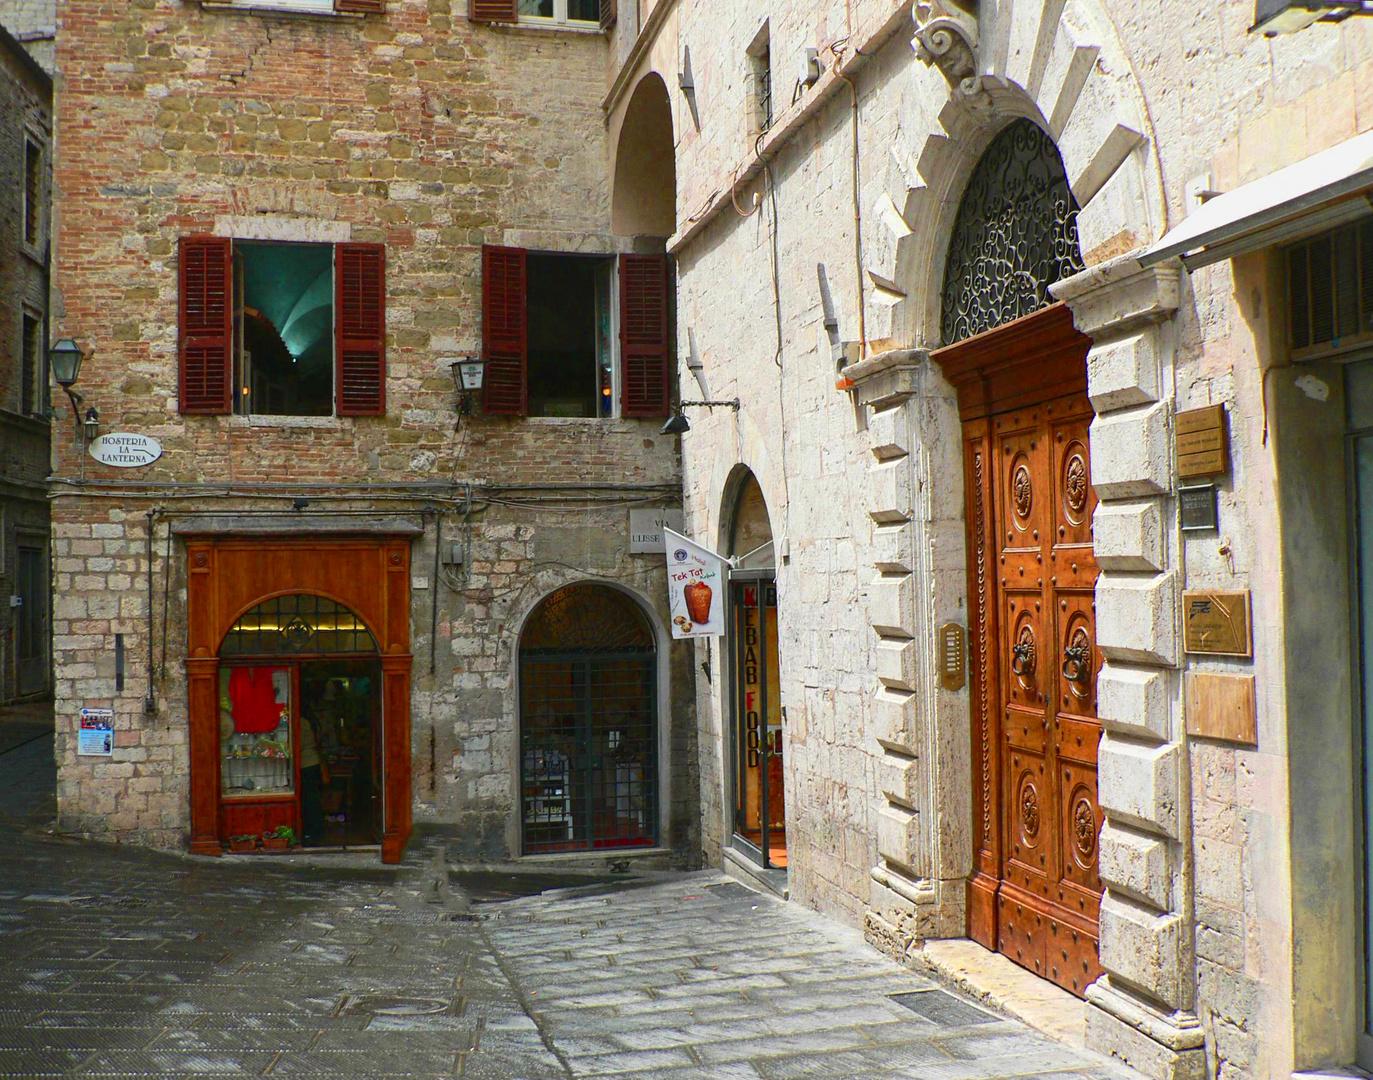 Perugia near the Piazza IV Novembre